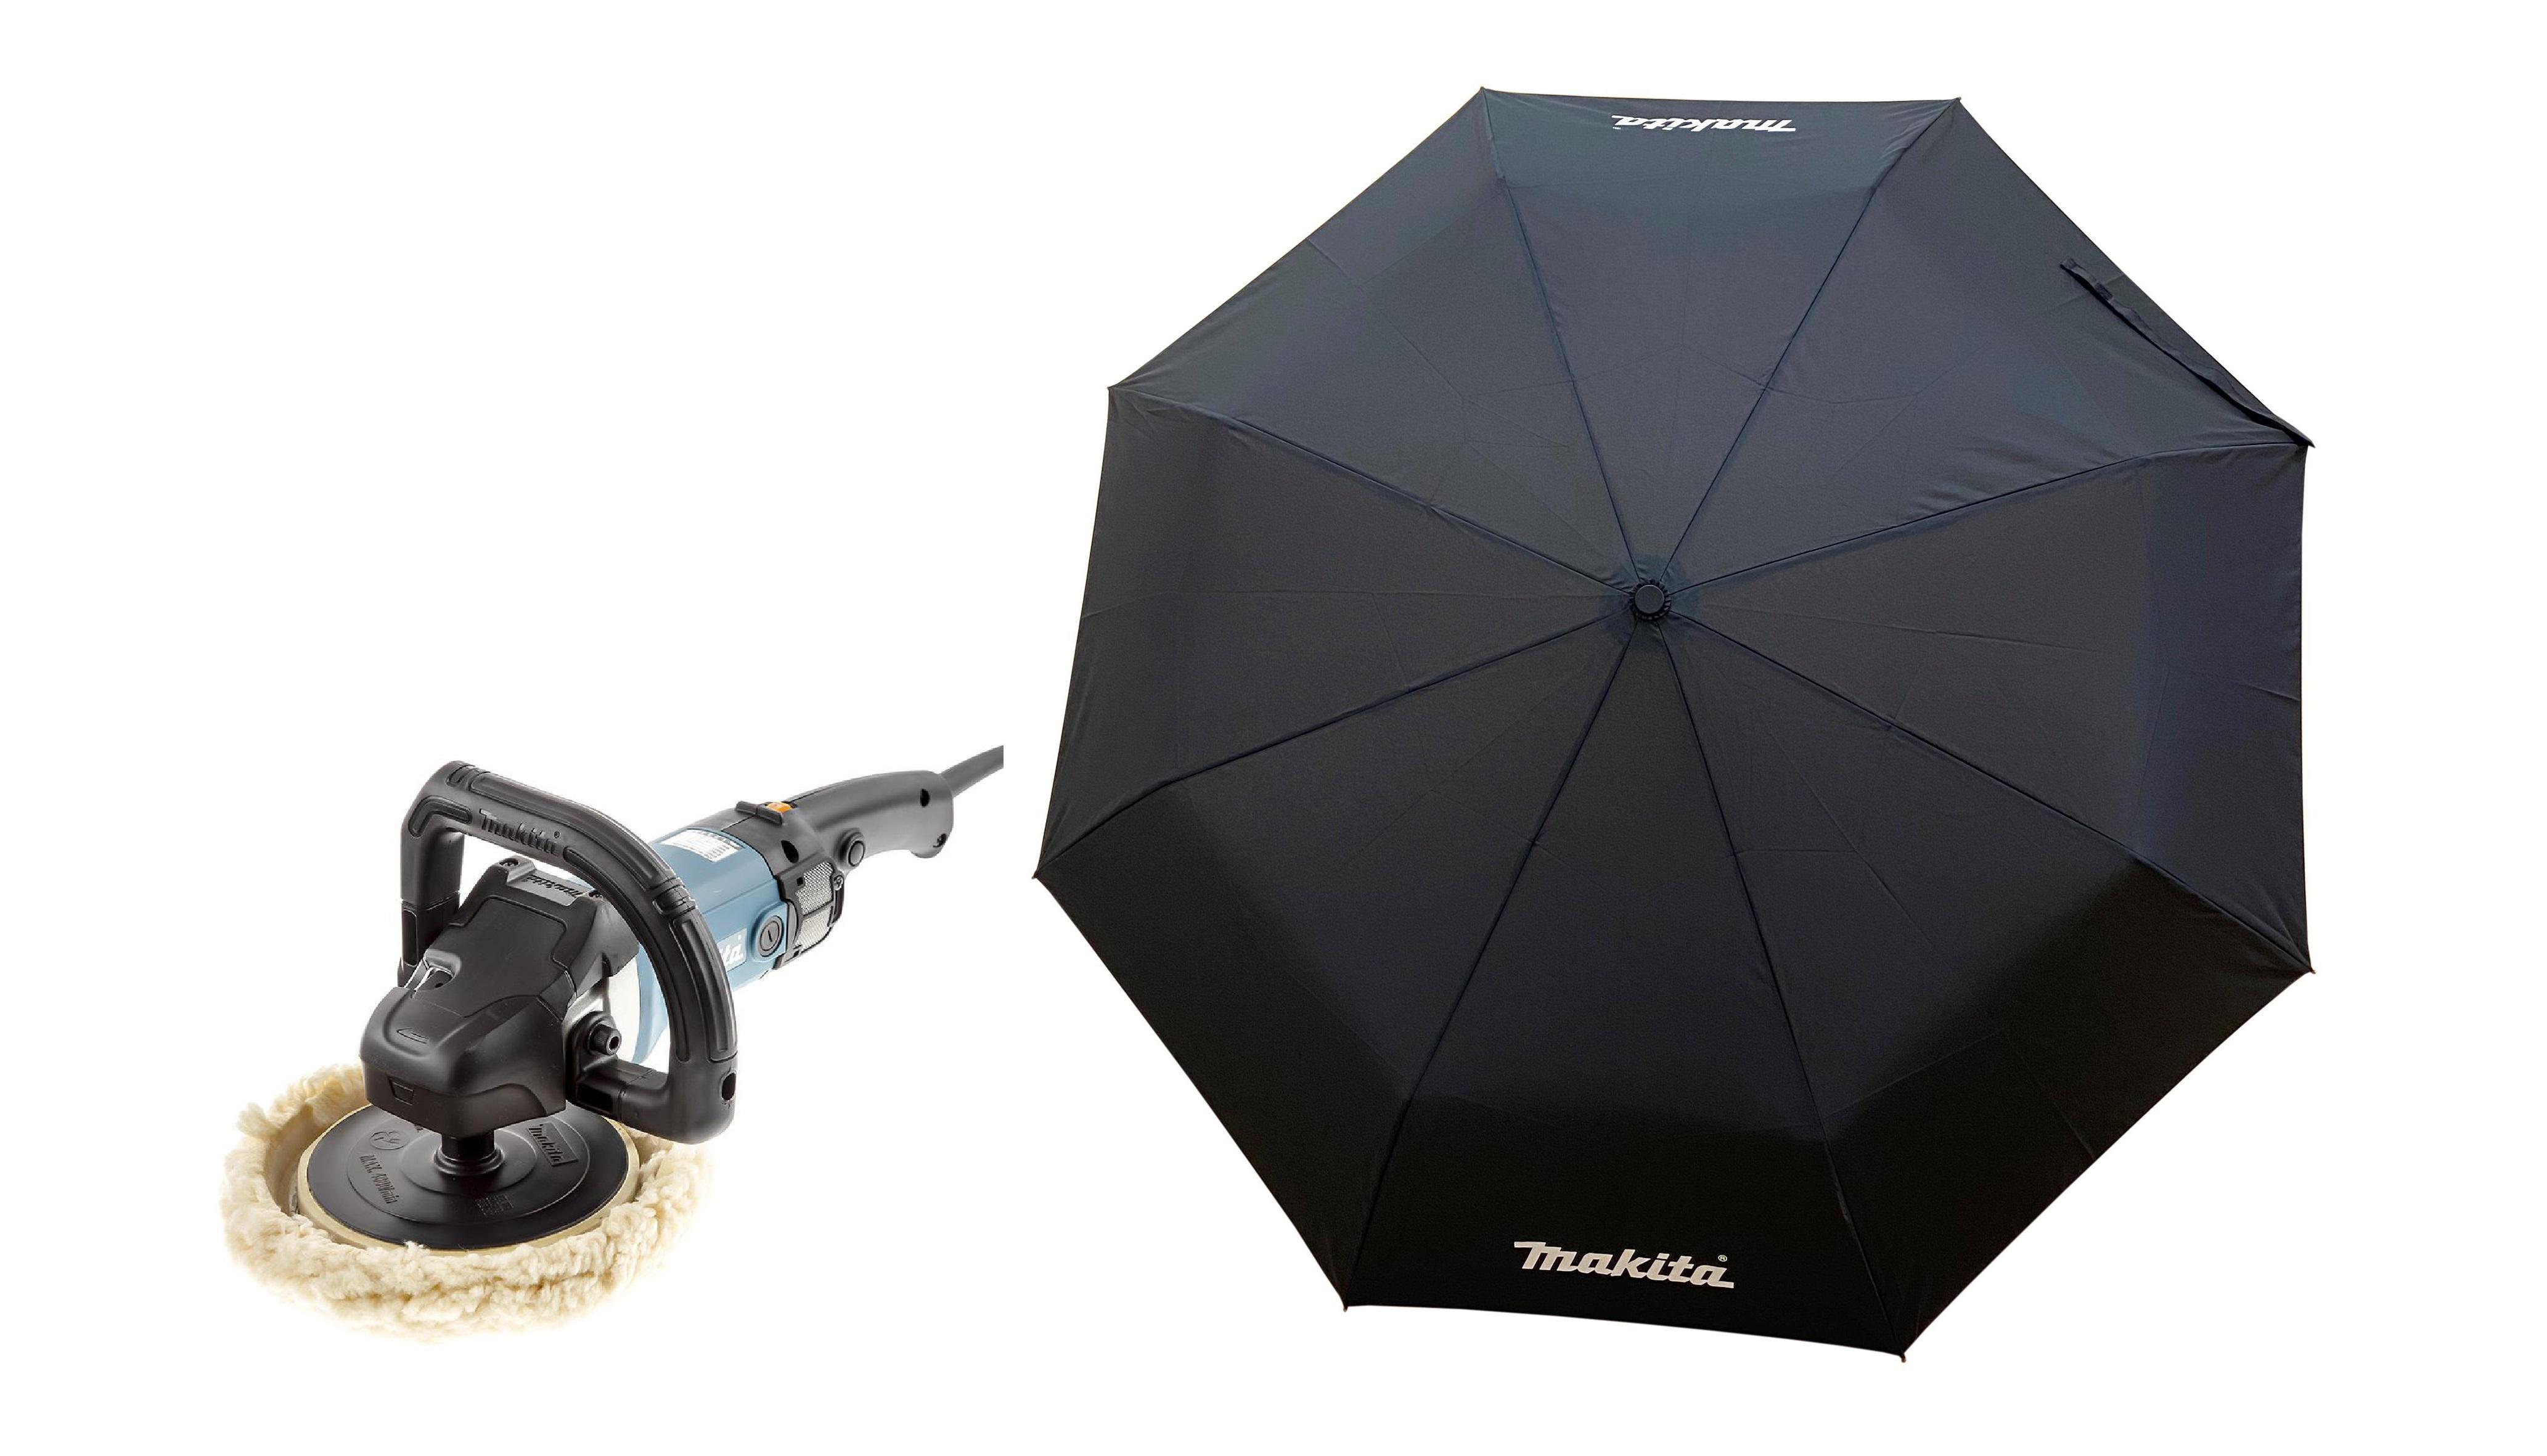 Набор Makita Машина полировальная 9237cb +Зонт складной pgh-180150